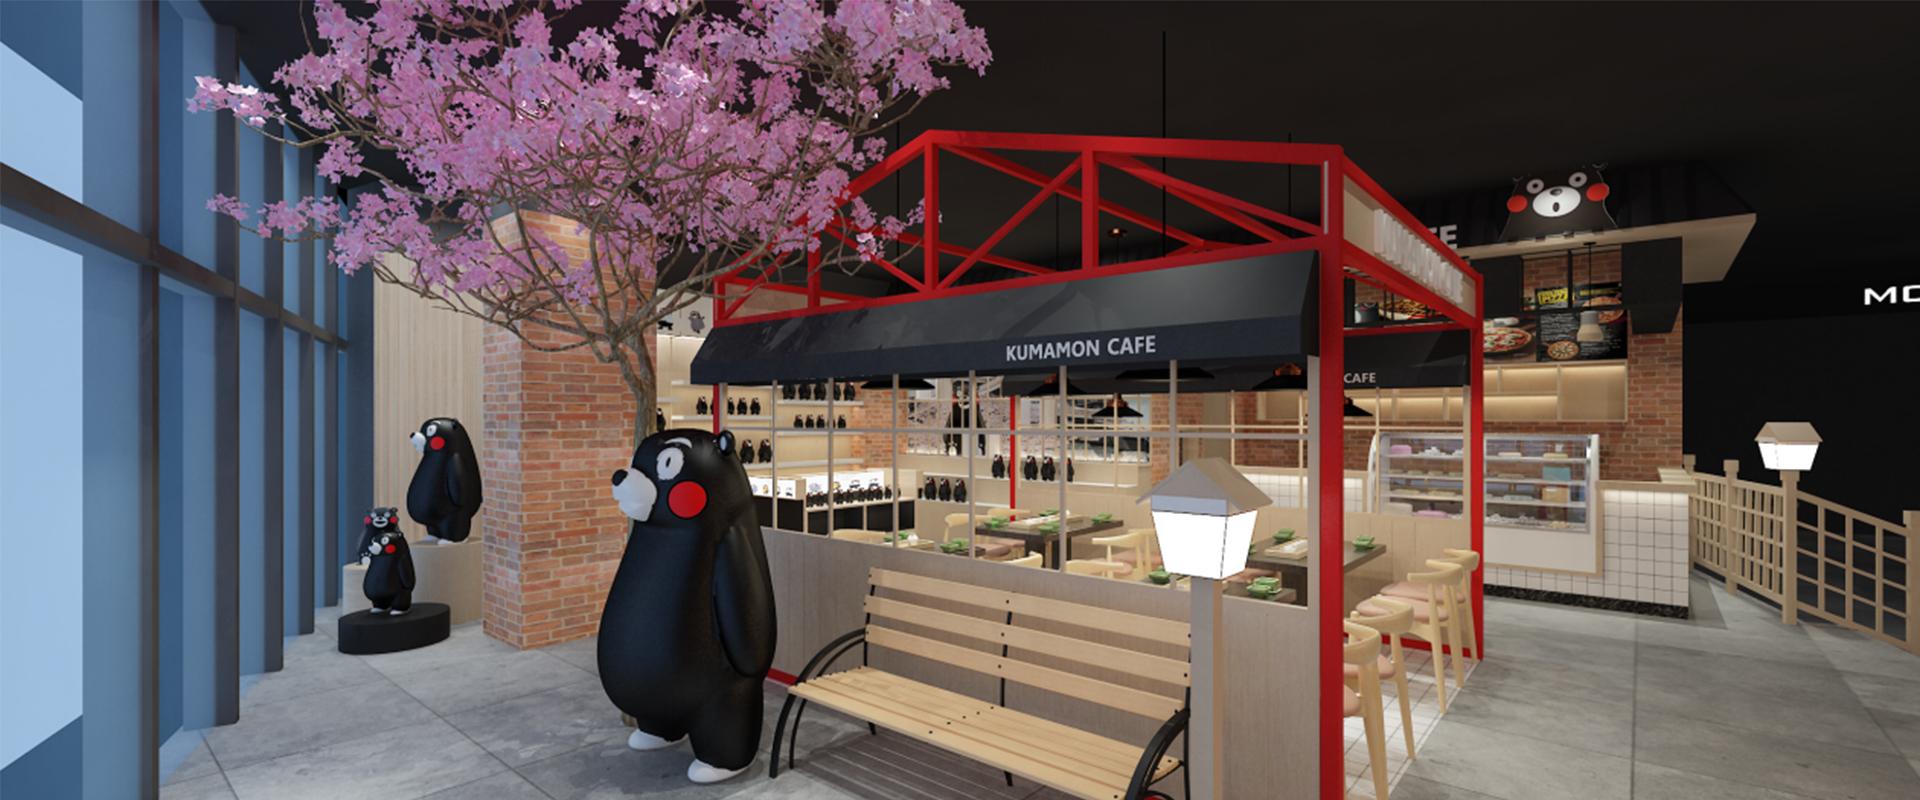 熊本熊主题餐厅